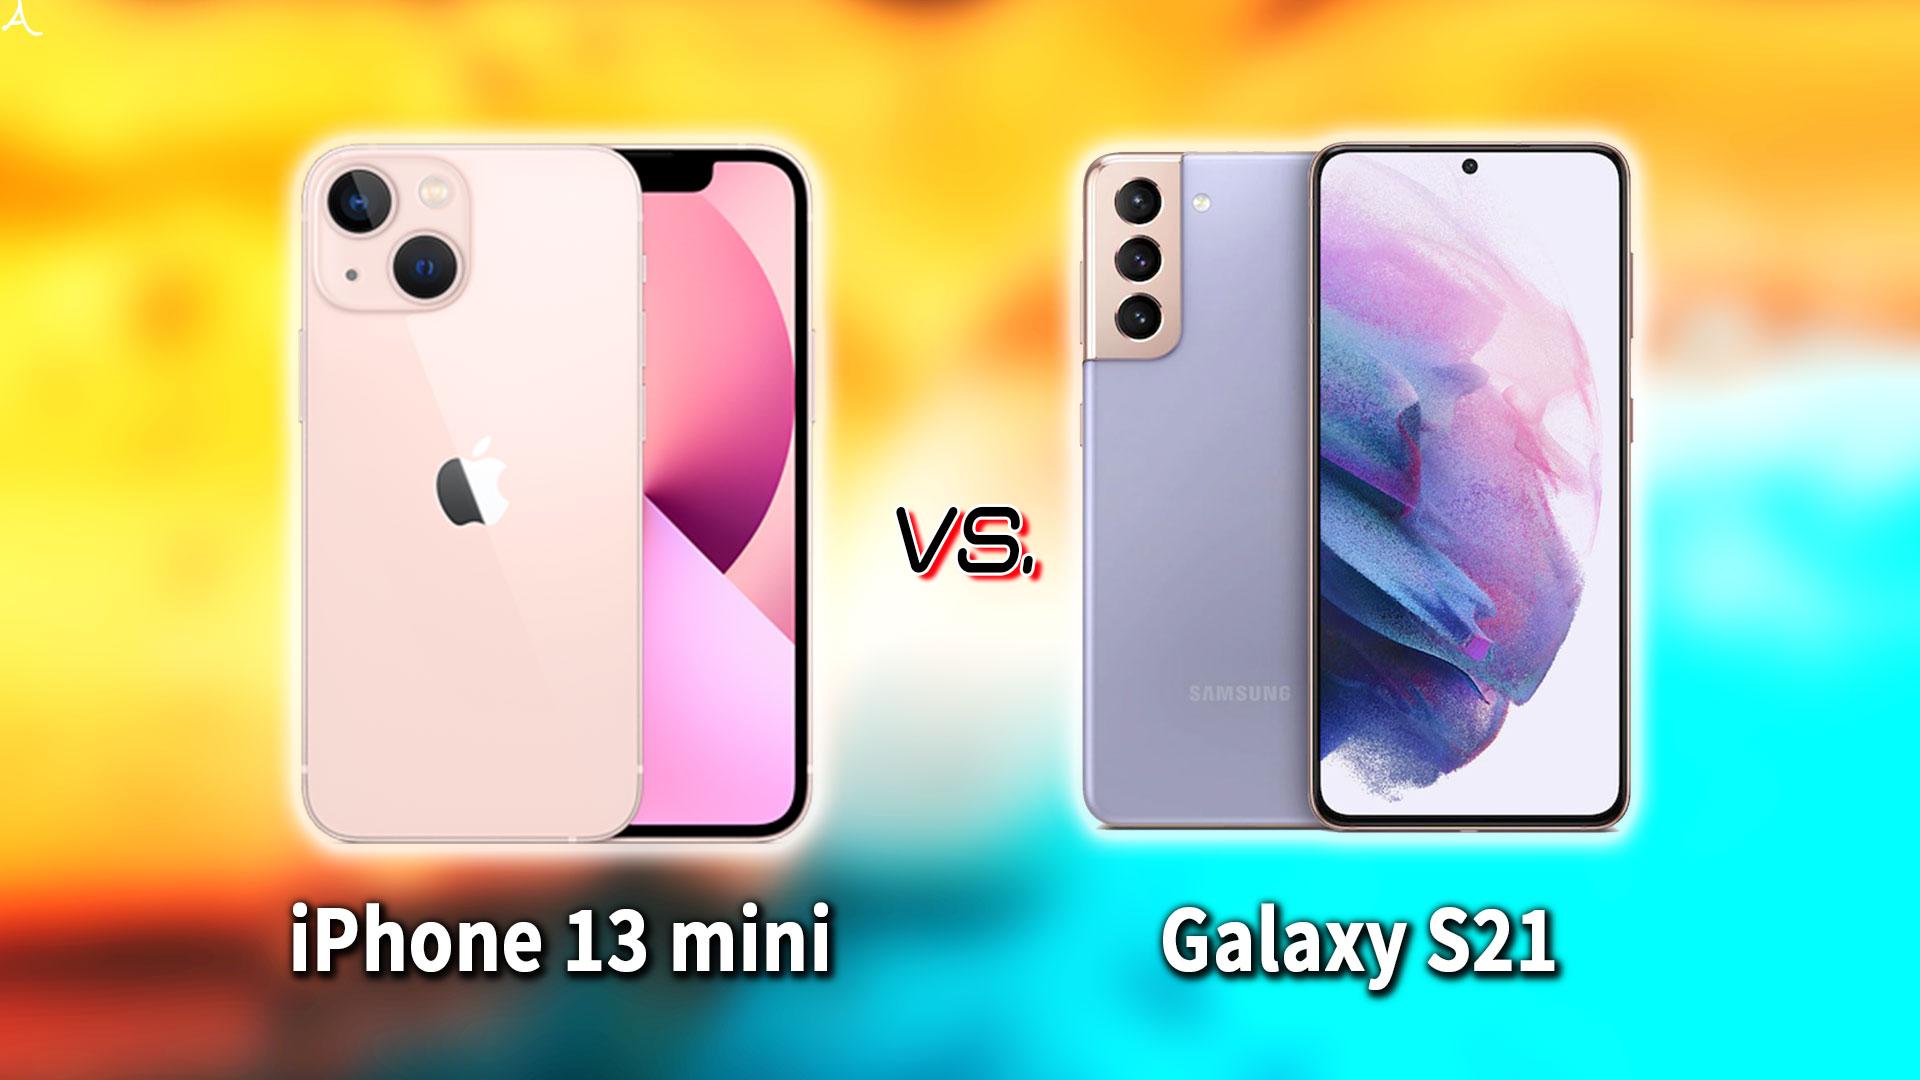 「iPhone 13 mini」と「Galaxy S21」の違いを比較:どっちを買う?